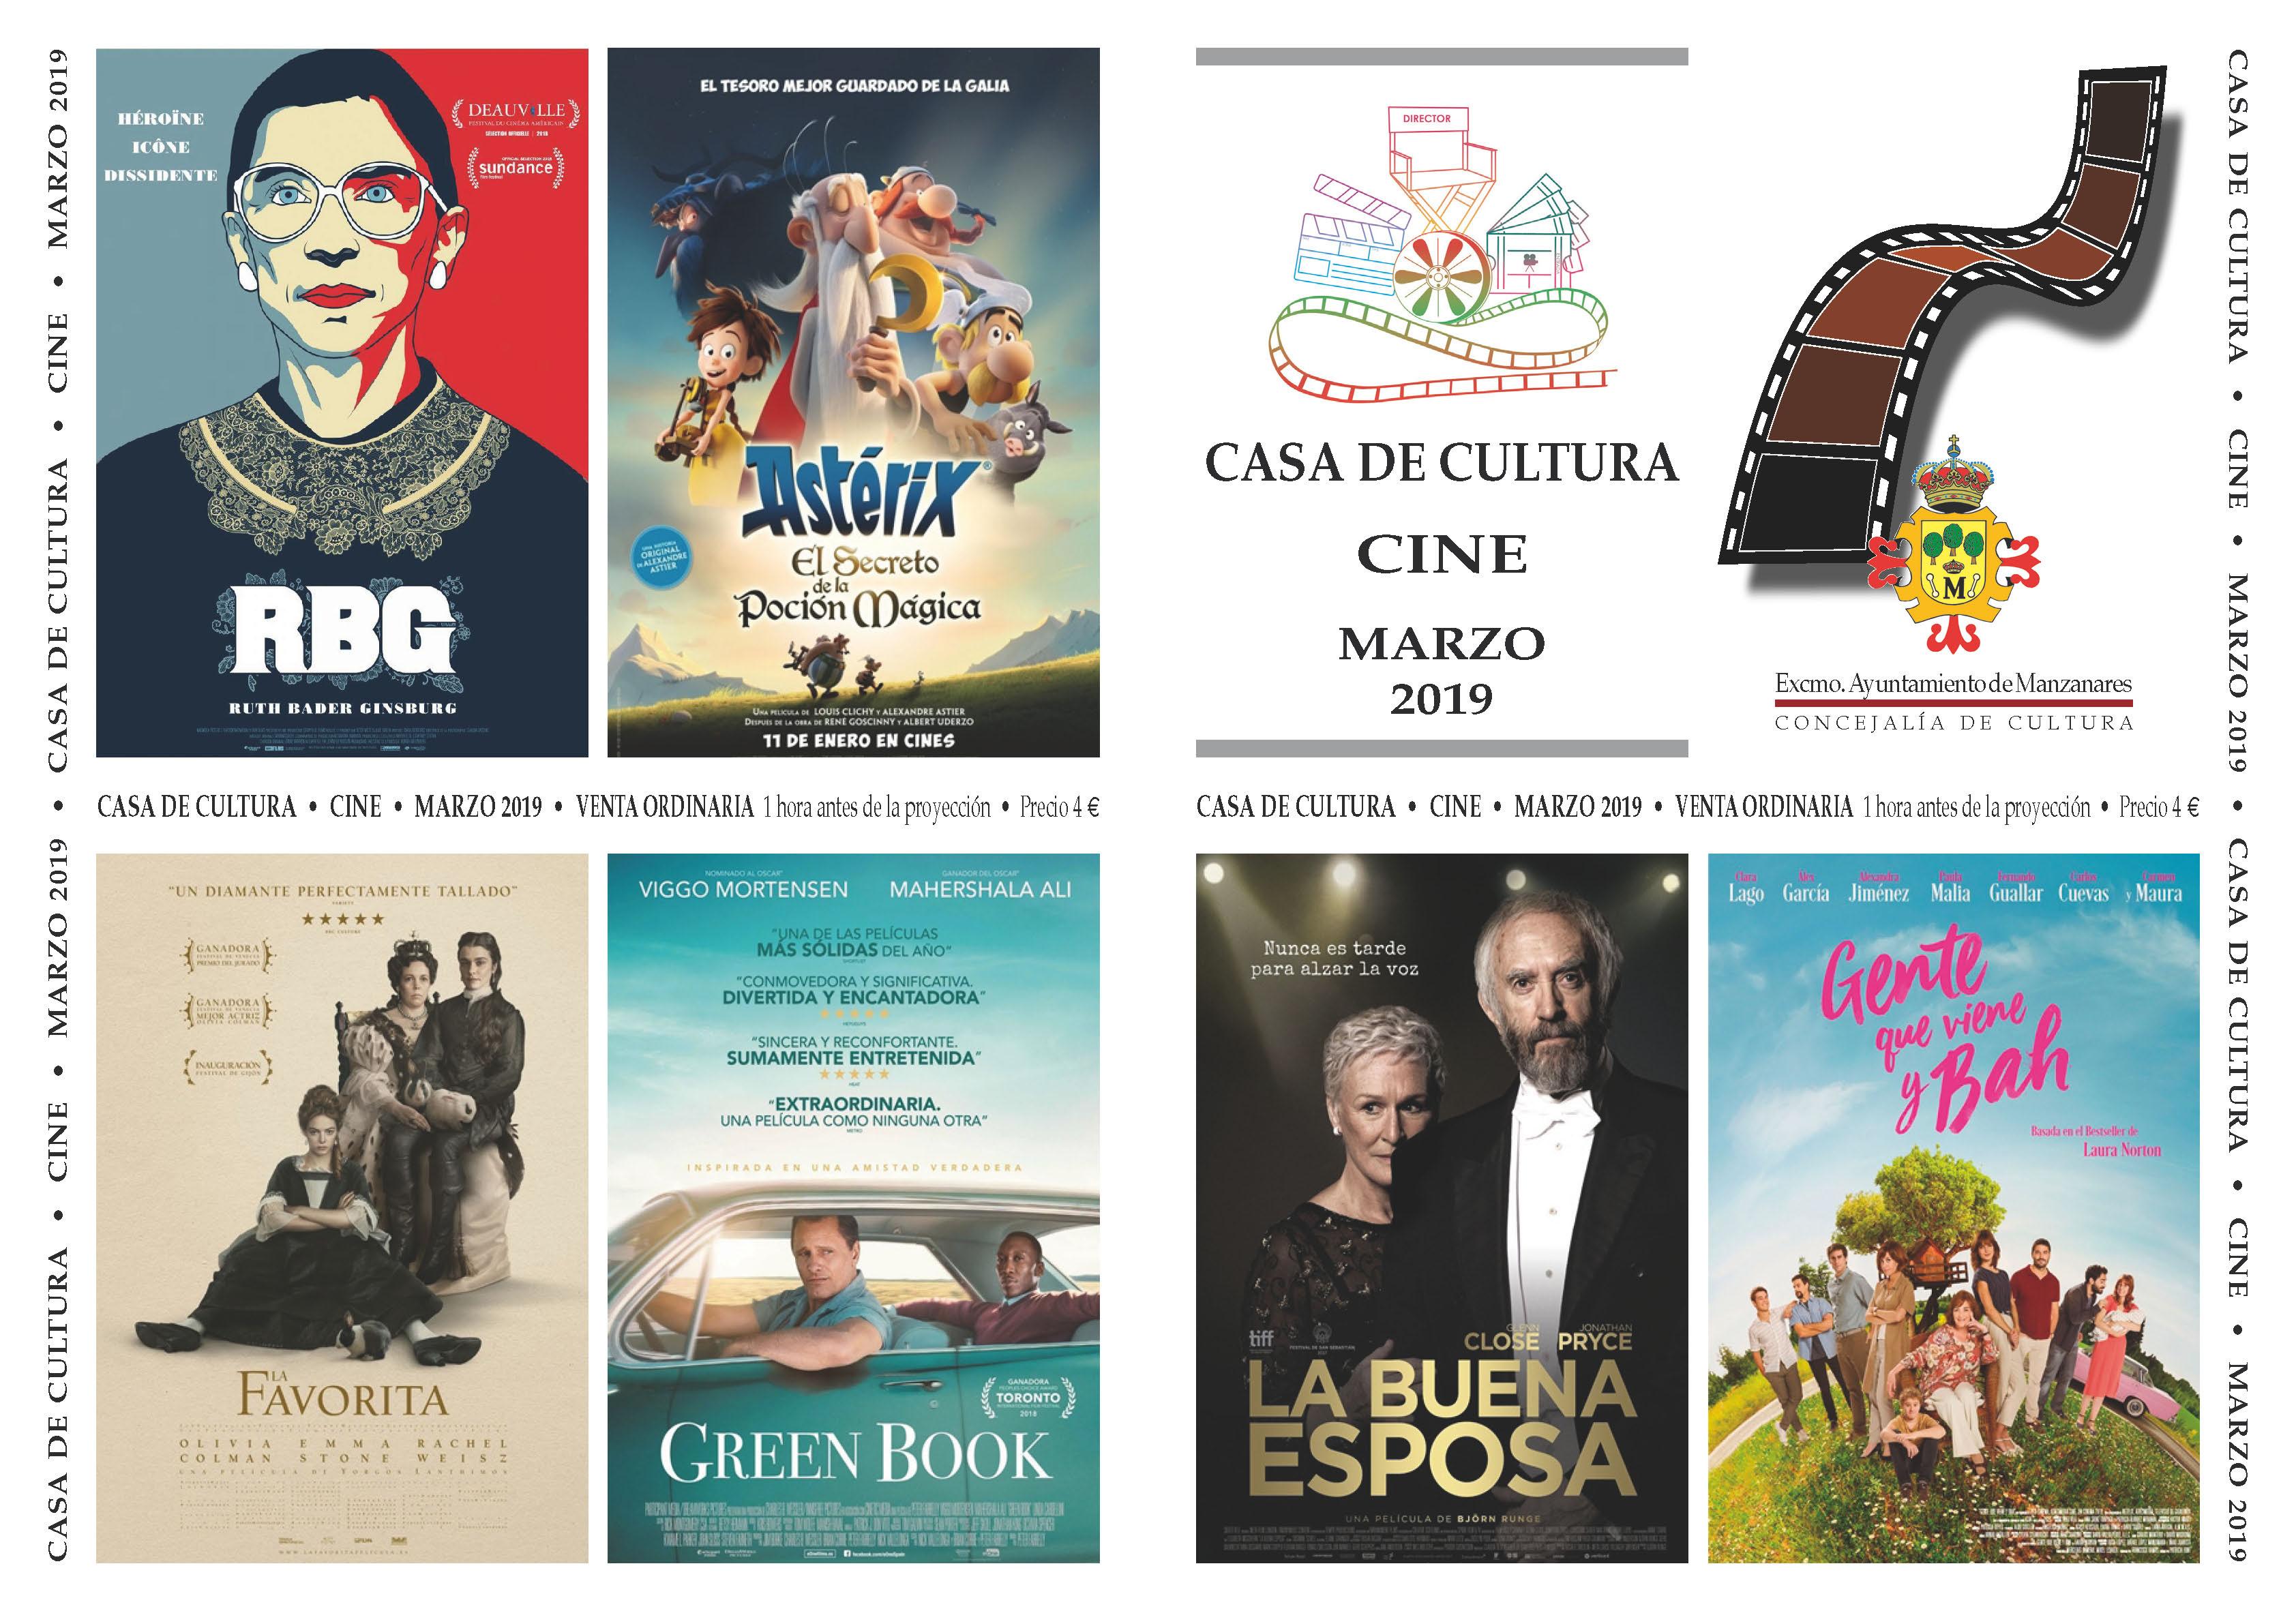 Imagen de la actividad Cine Marzo 2019